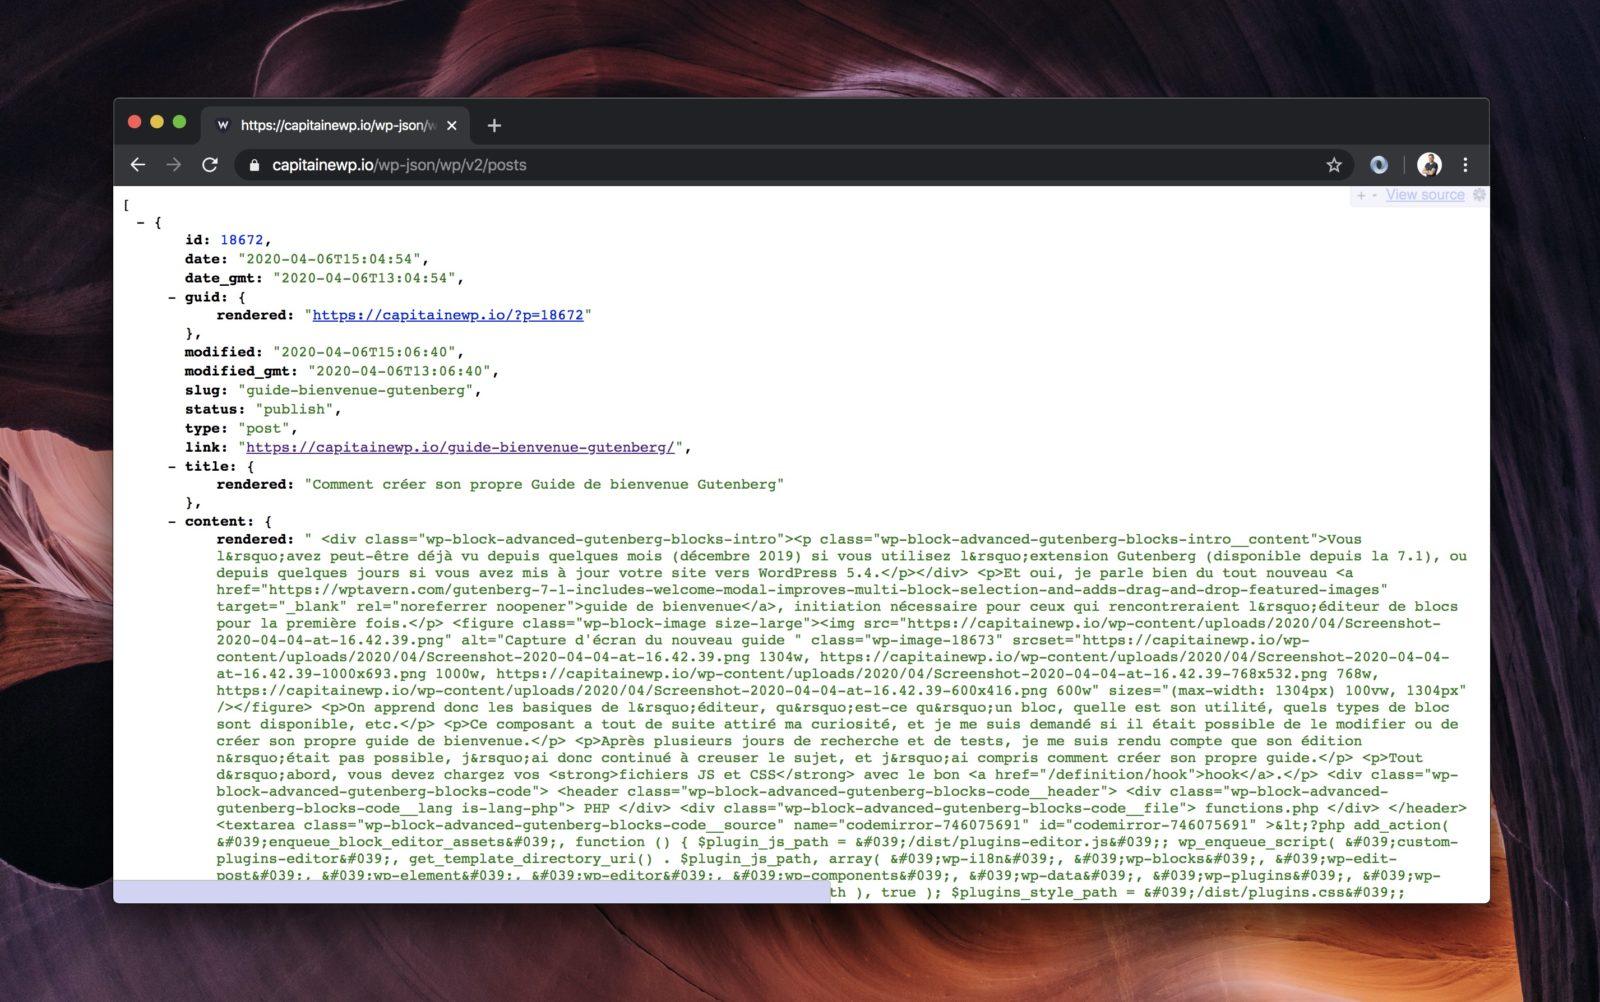 La route affiche la liste des articles, sous forme d'un objet JSON